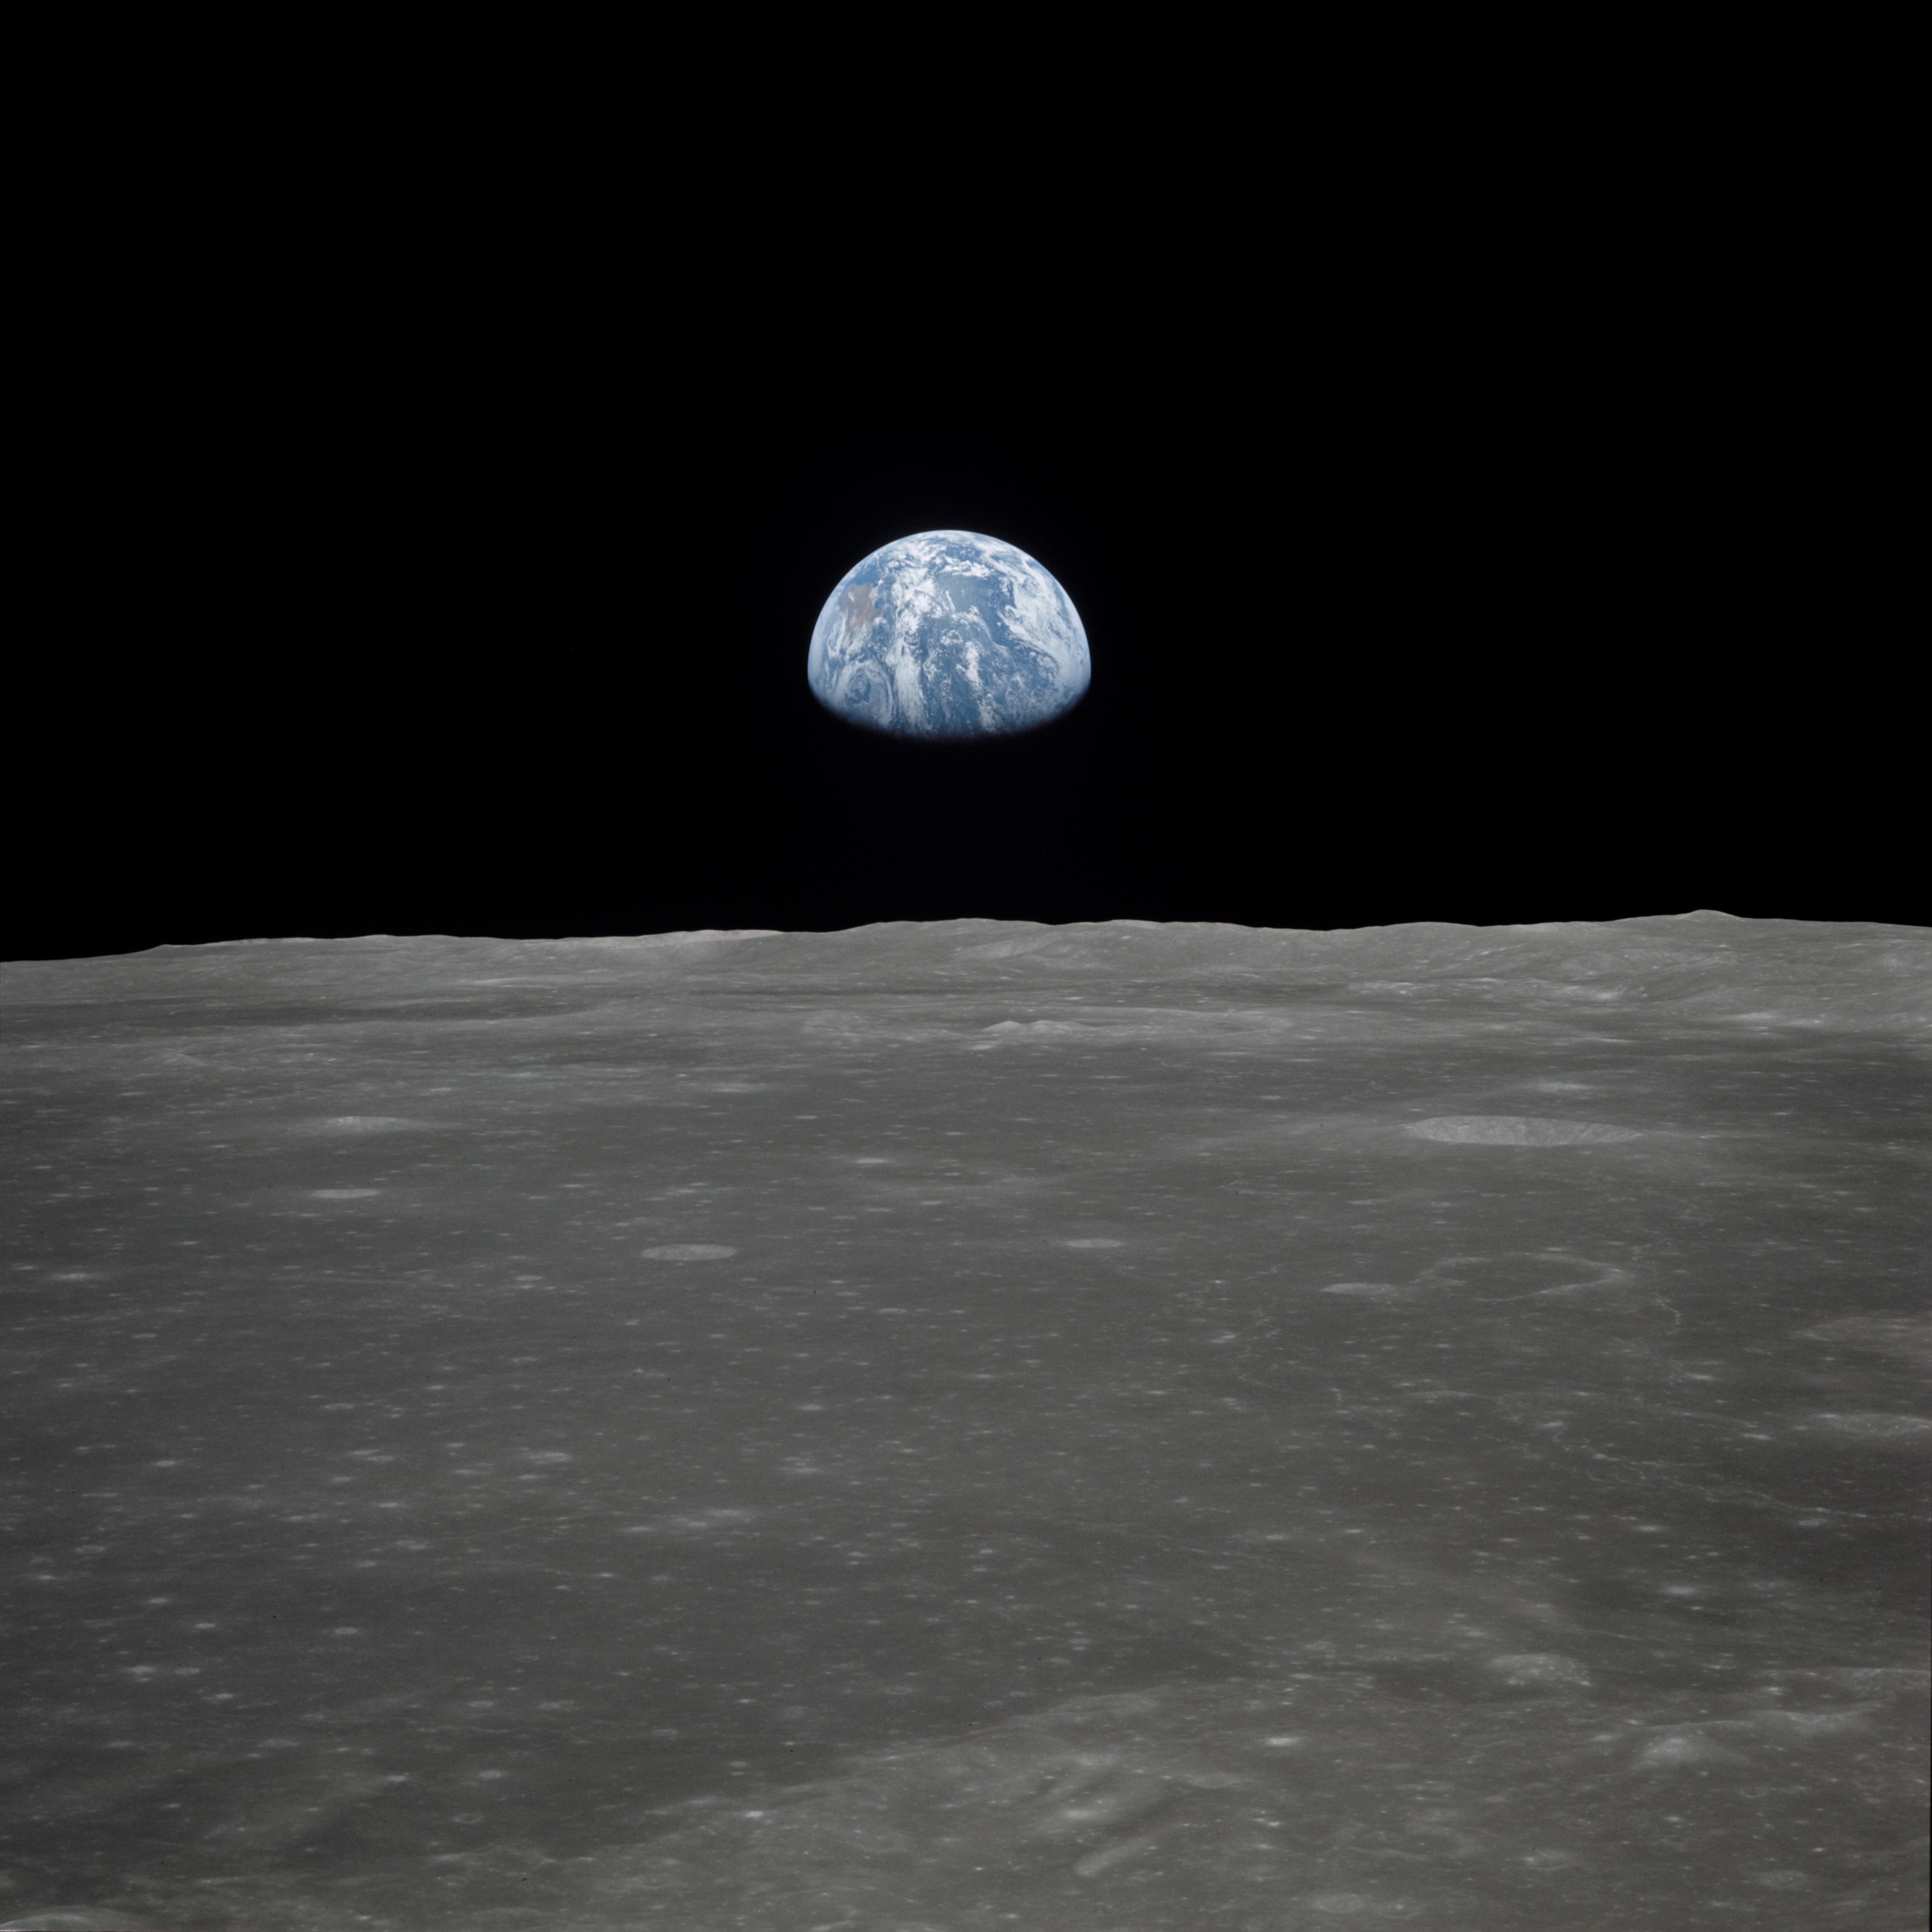 La tierra vista en el horizonte desde la luna. Fotografía de la NASA.